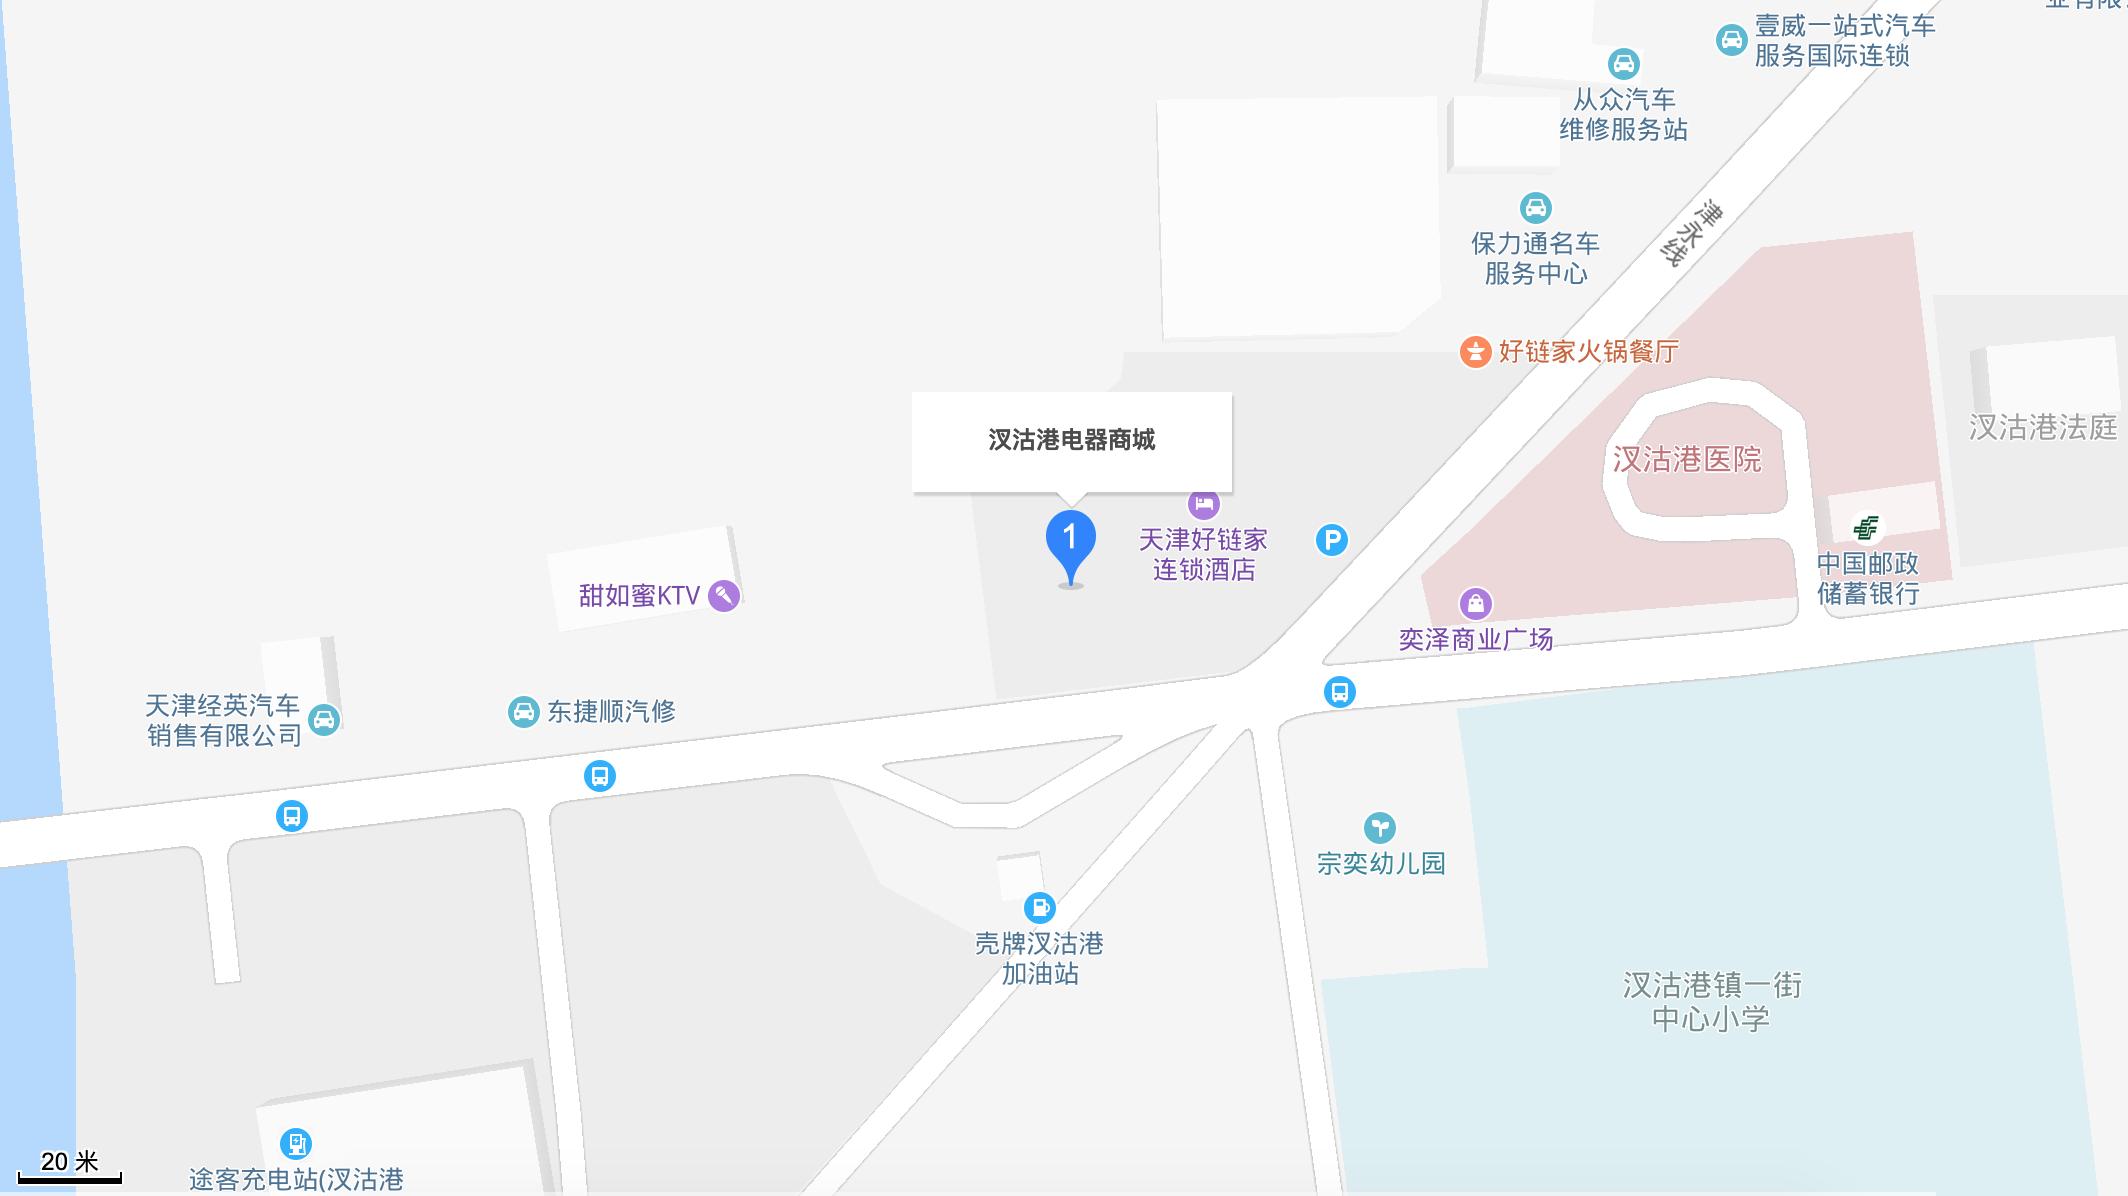 天津瑞林祥旗舰店